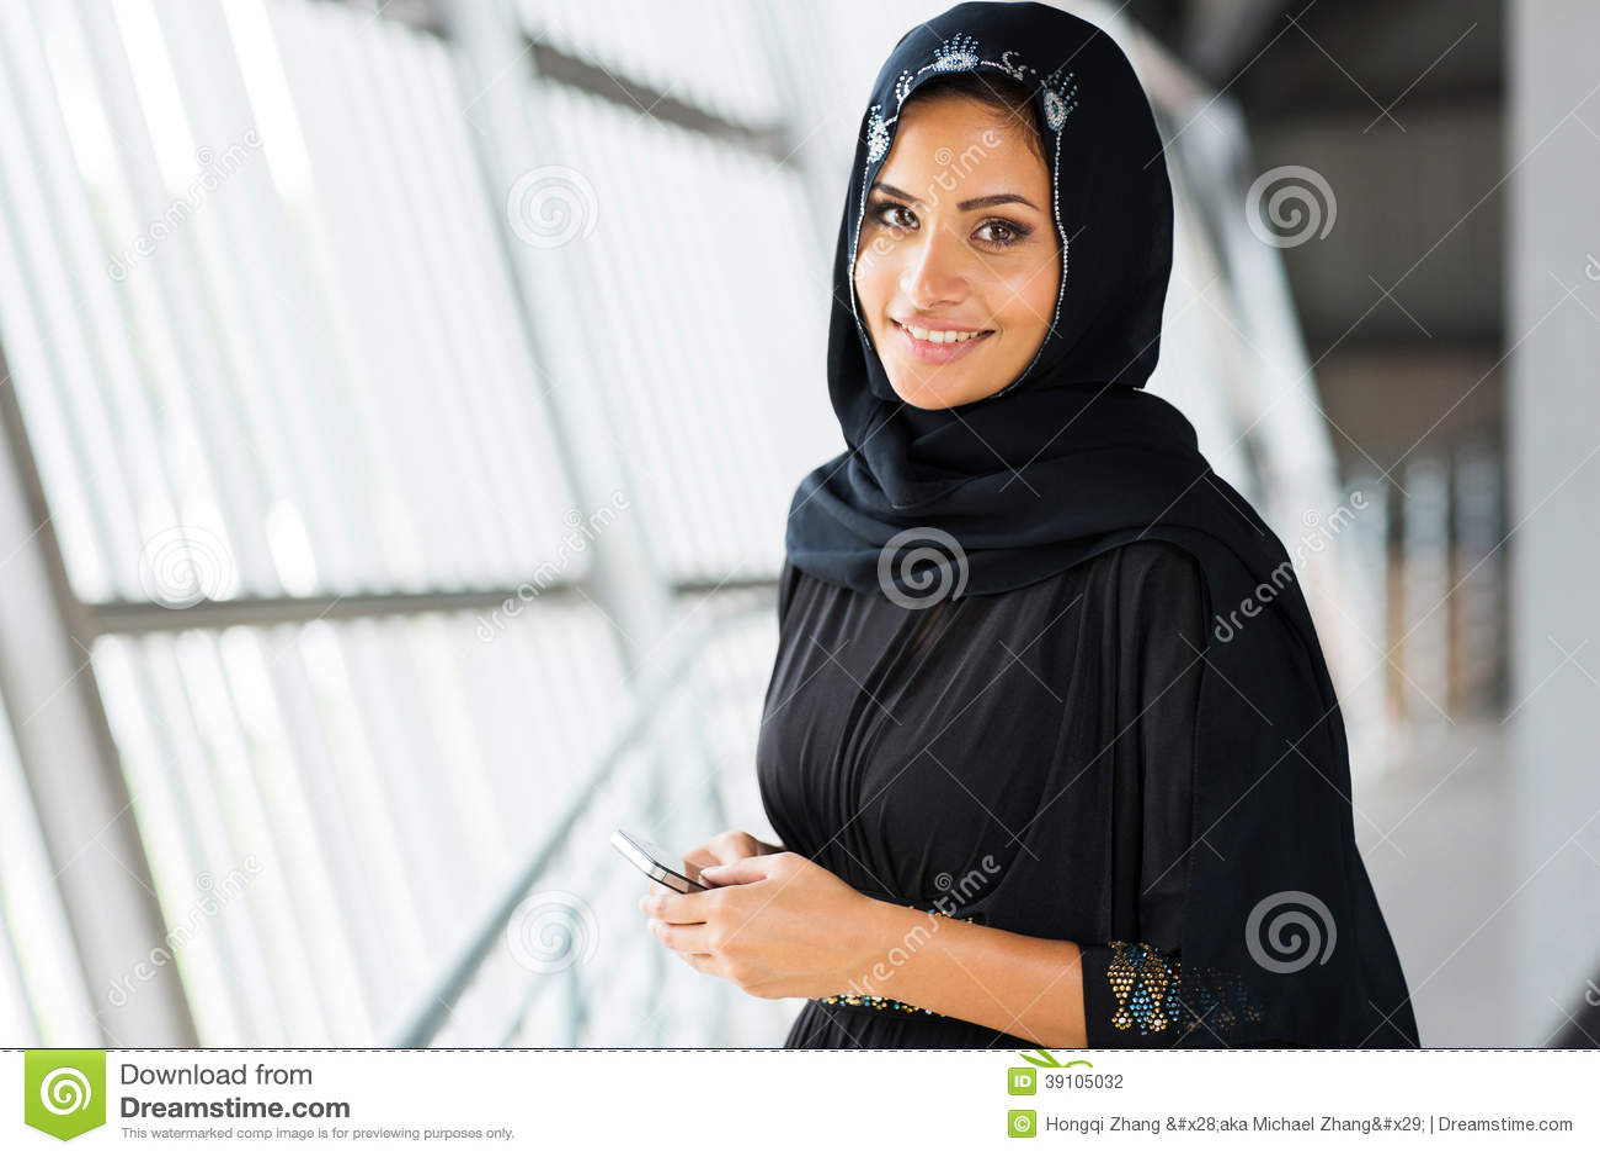 Arabische vrouwen slimme telefoon